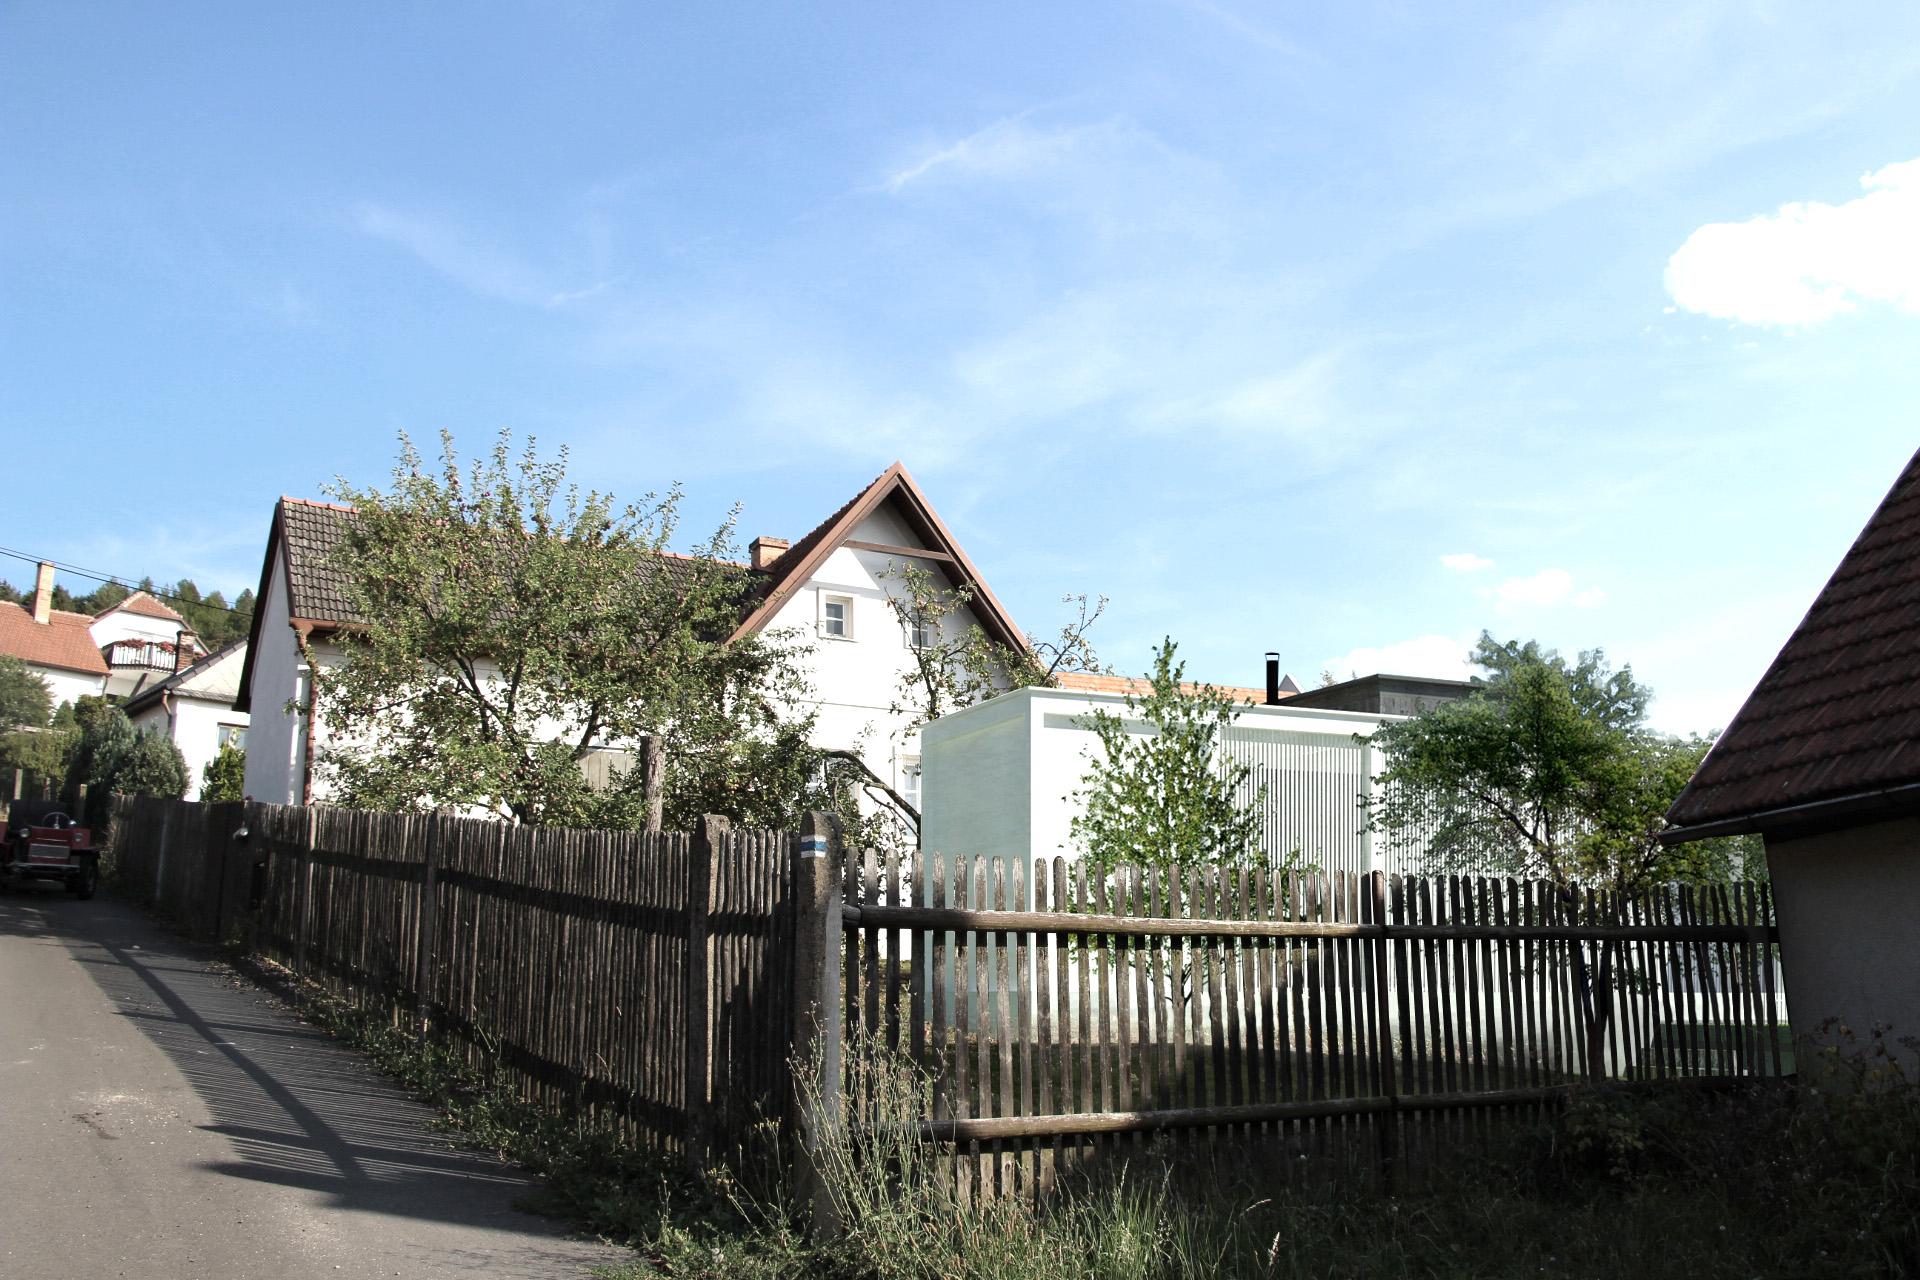 Zavoral Architekt Rekonstrukce rodinného domu, Zálesí